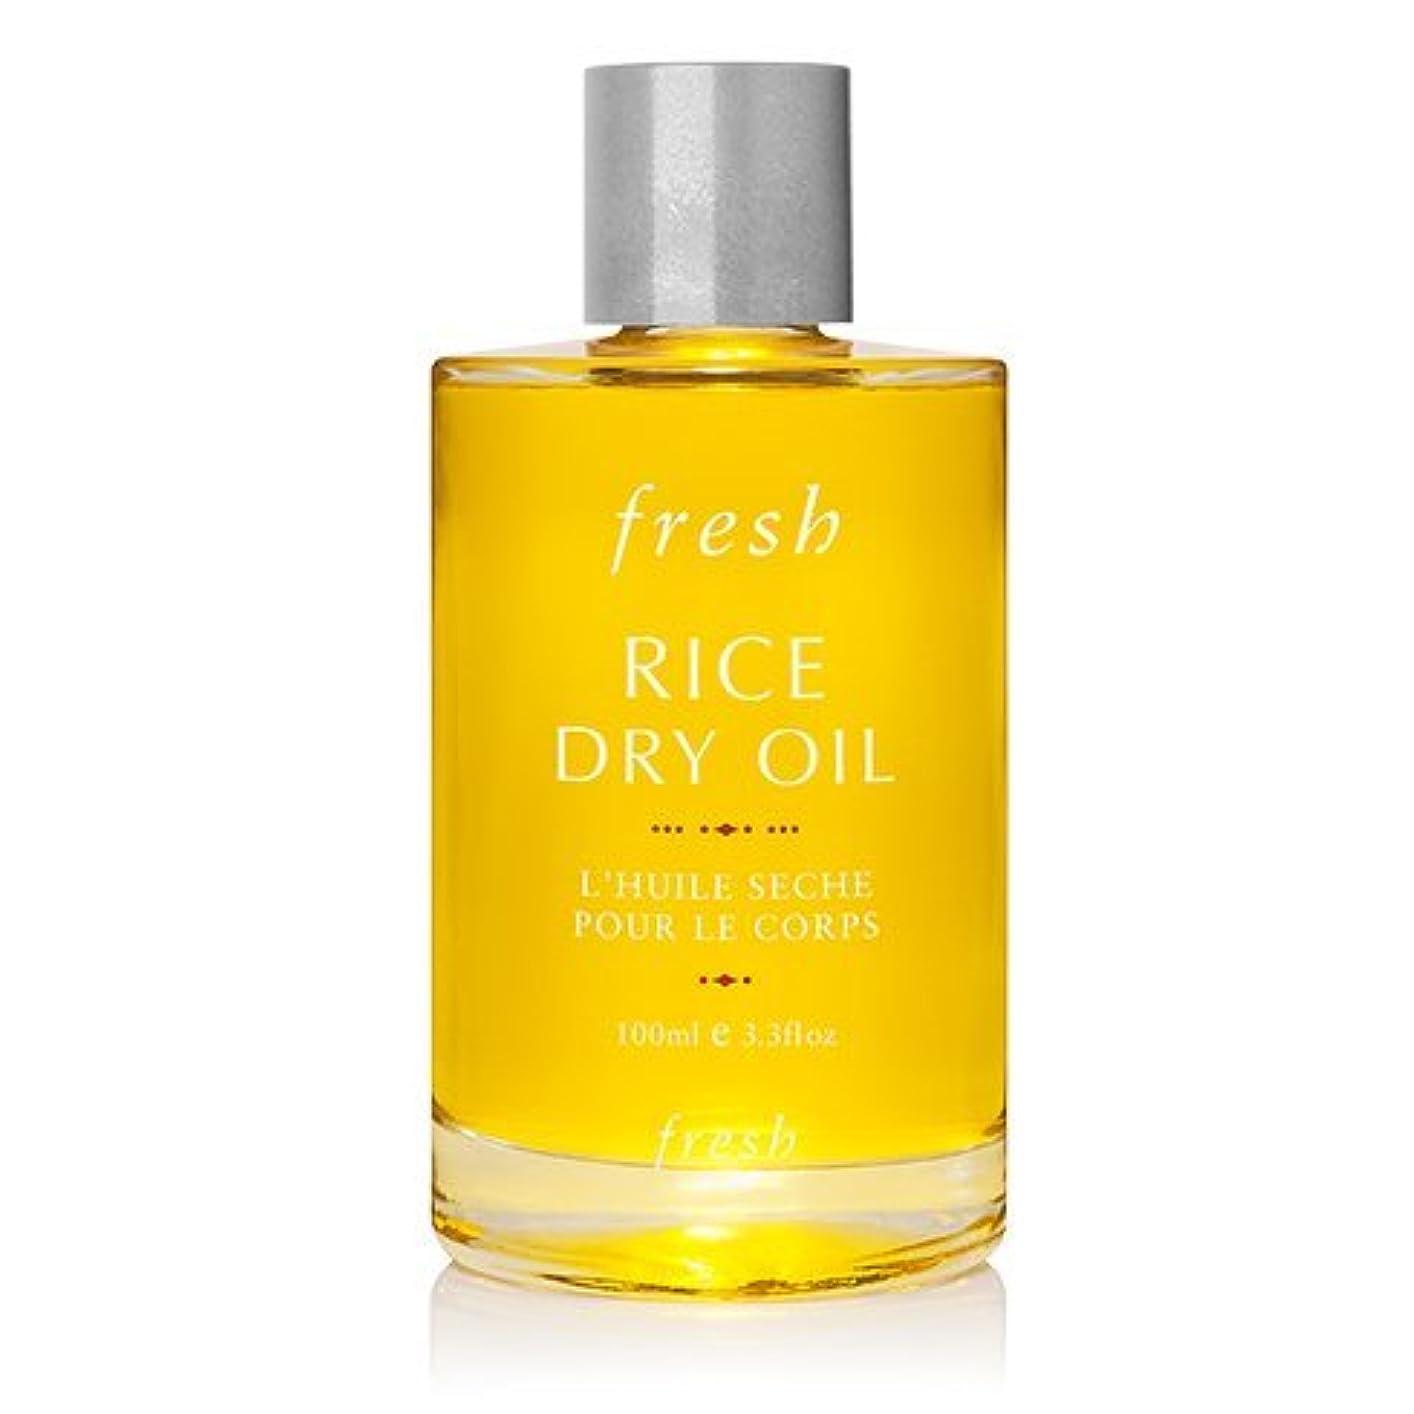 省略灰成長するFresh RICE DRY OIL (フレッシュ ライス ドライ オイル) 3.4 oz (100ml) by Fresh for Women